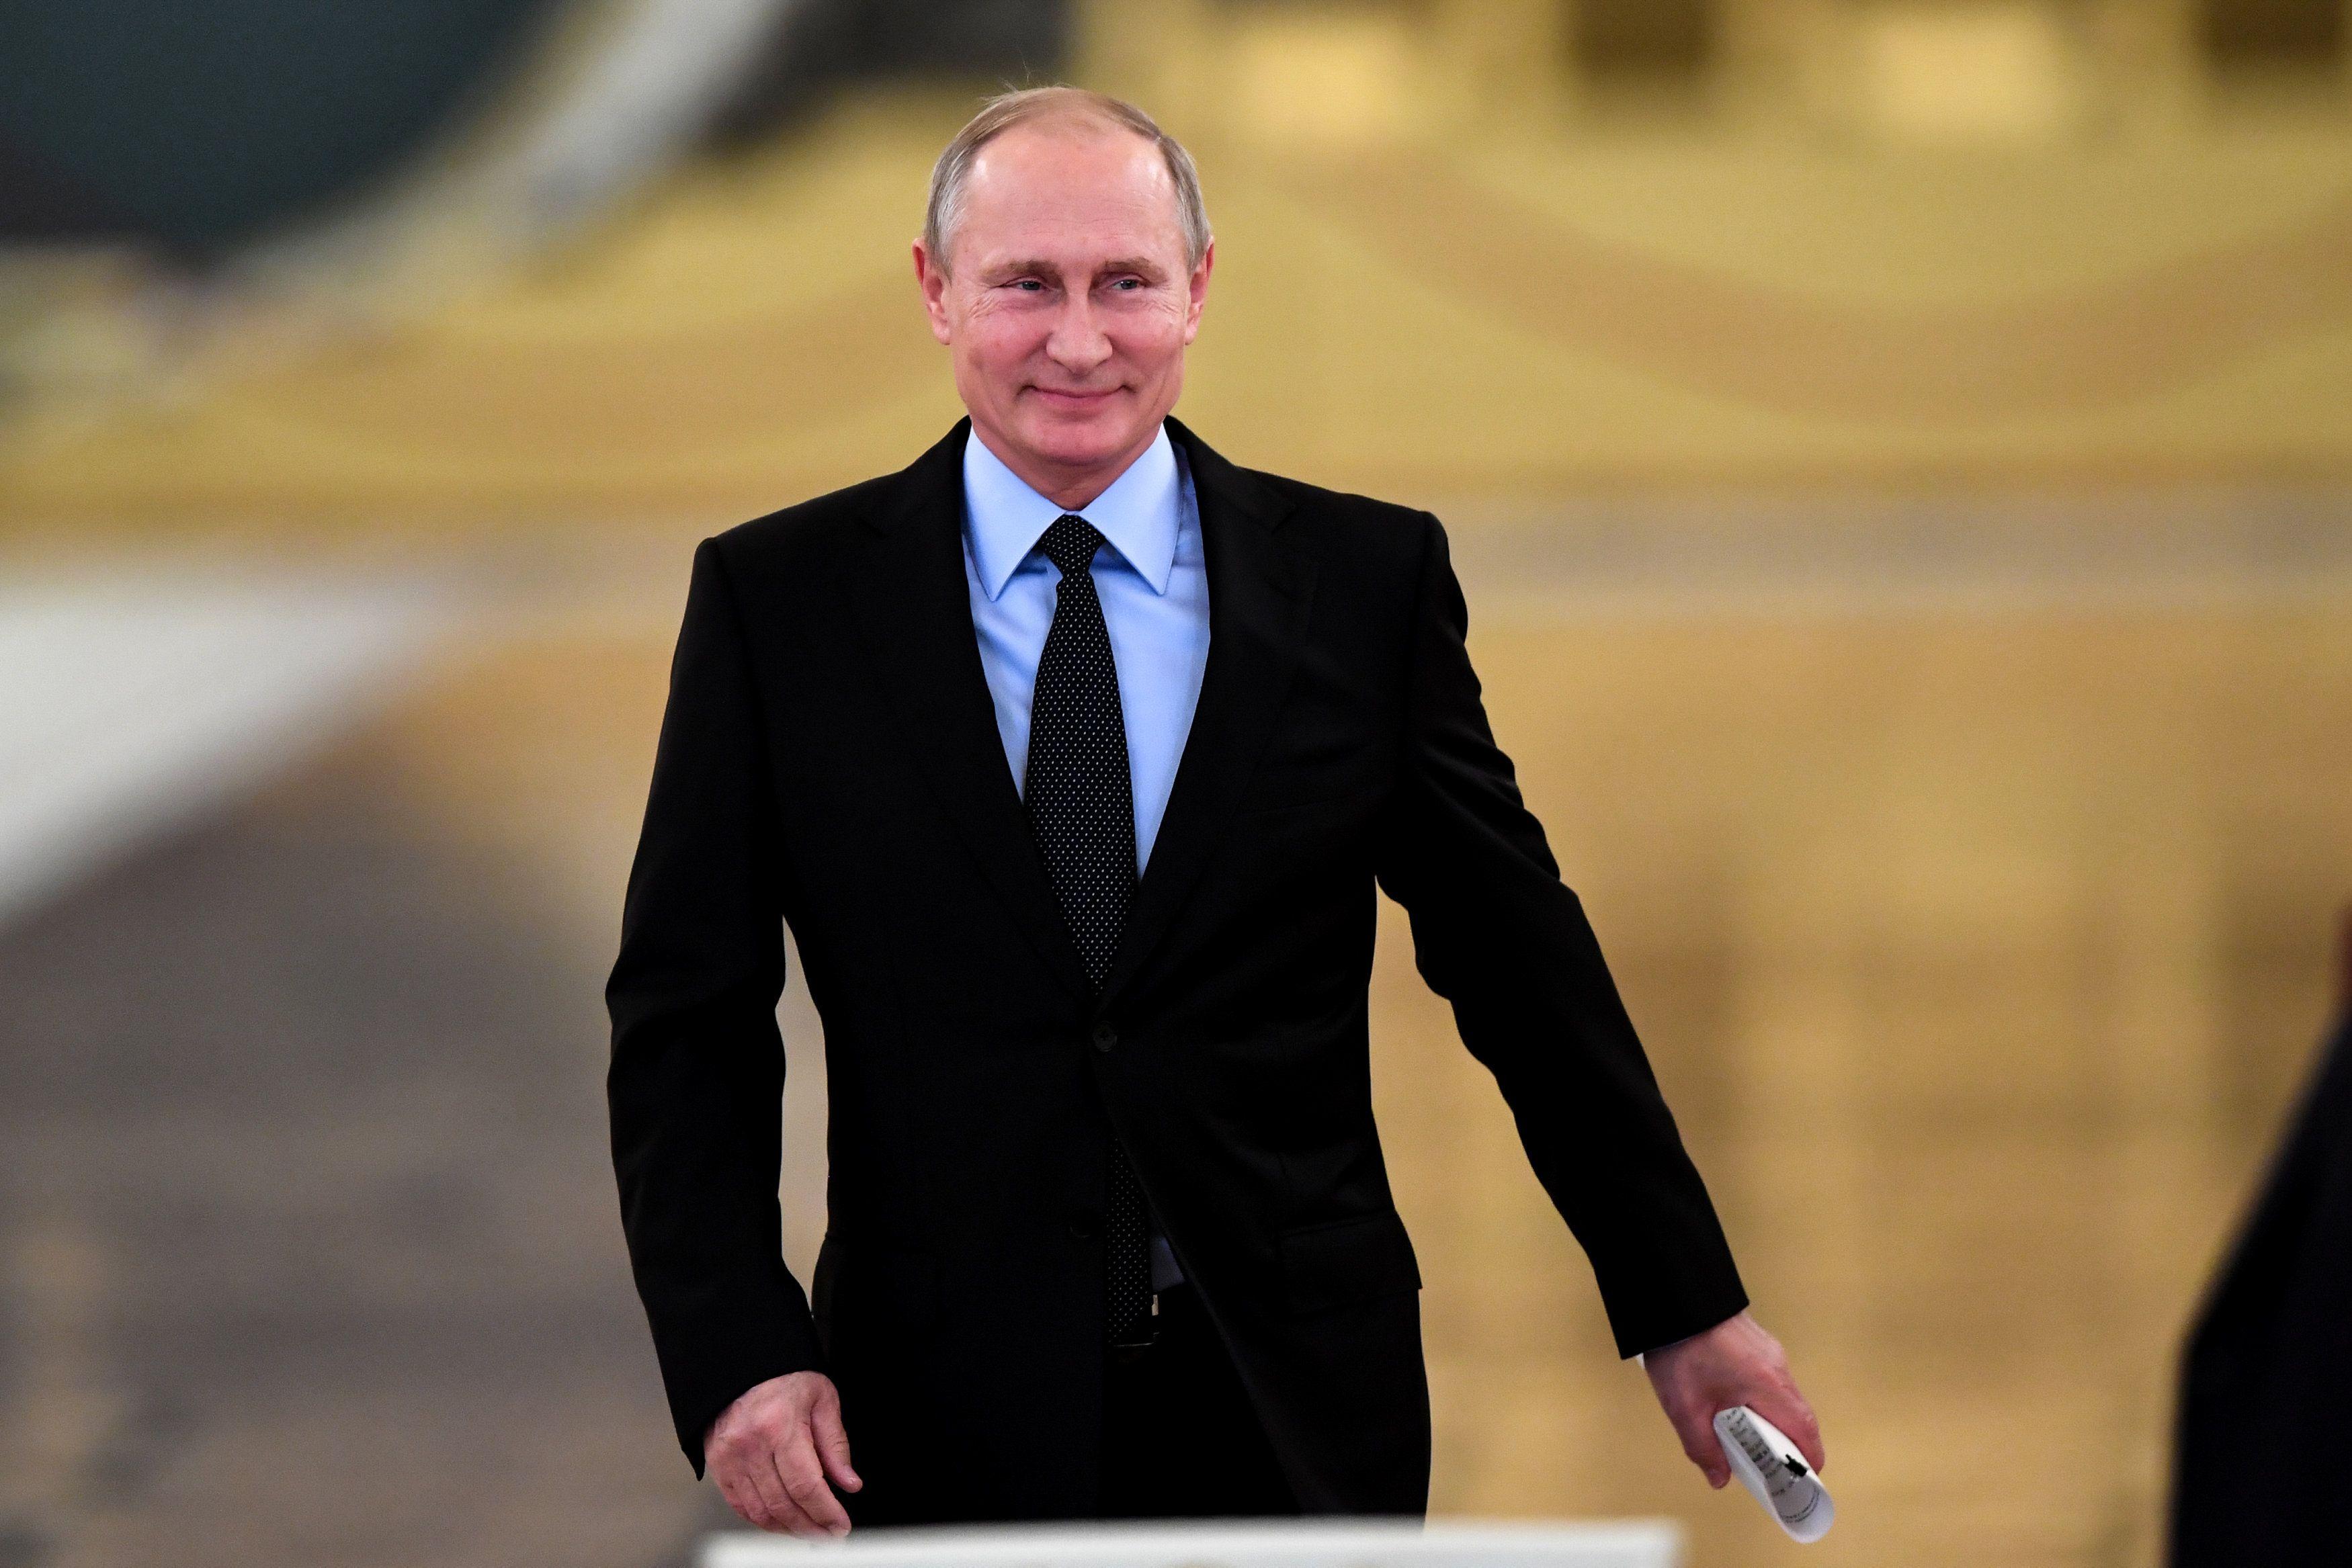 Для Владимира Путина миллиард долларов — это ничего, считает политик